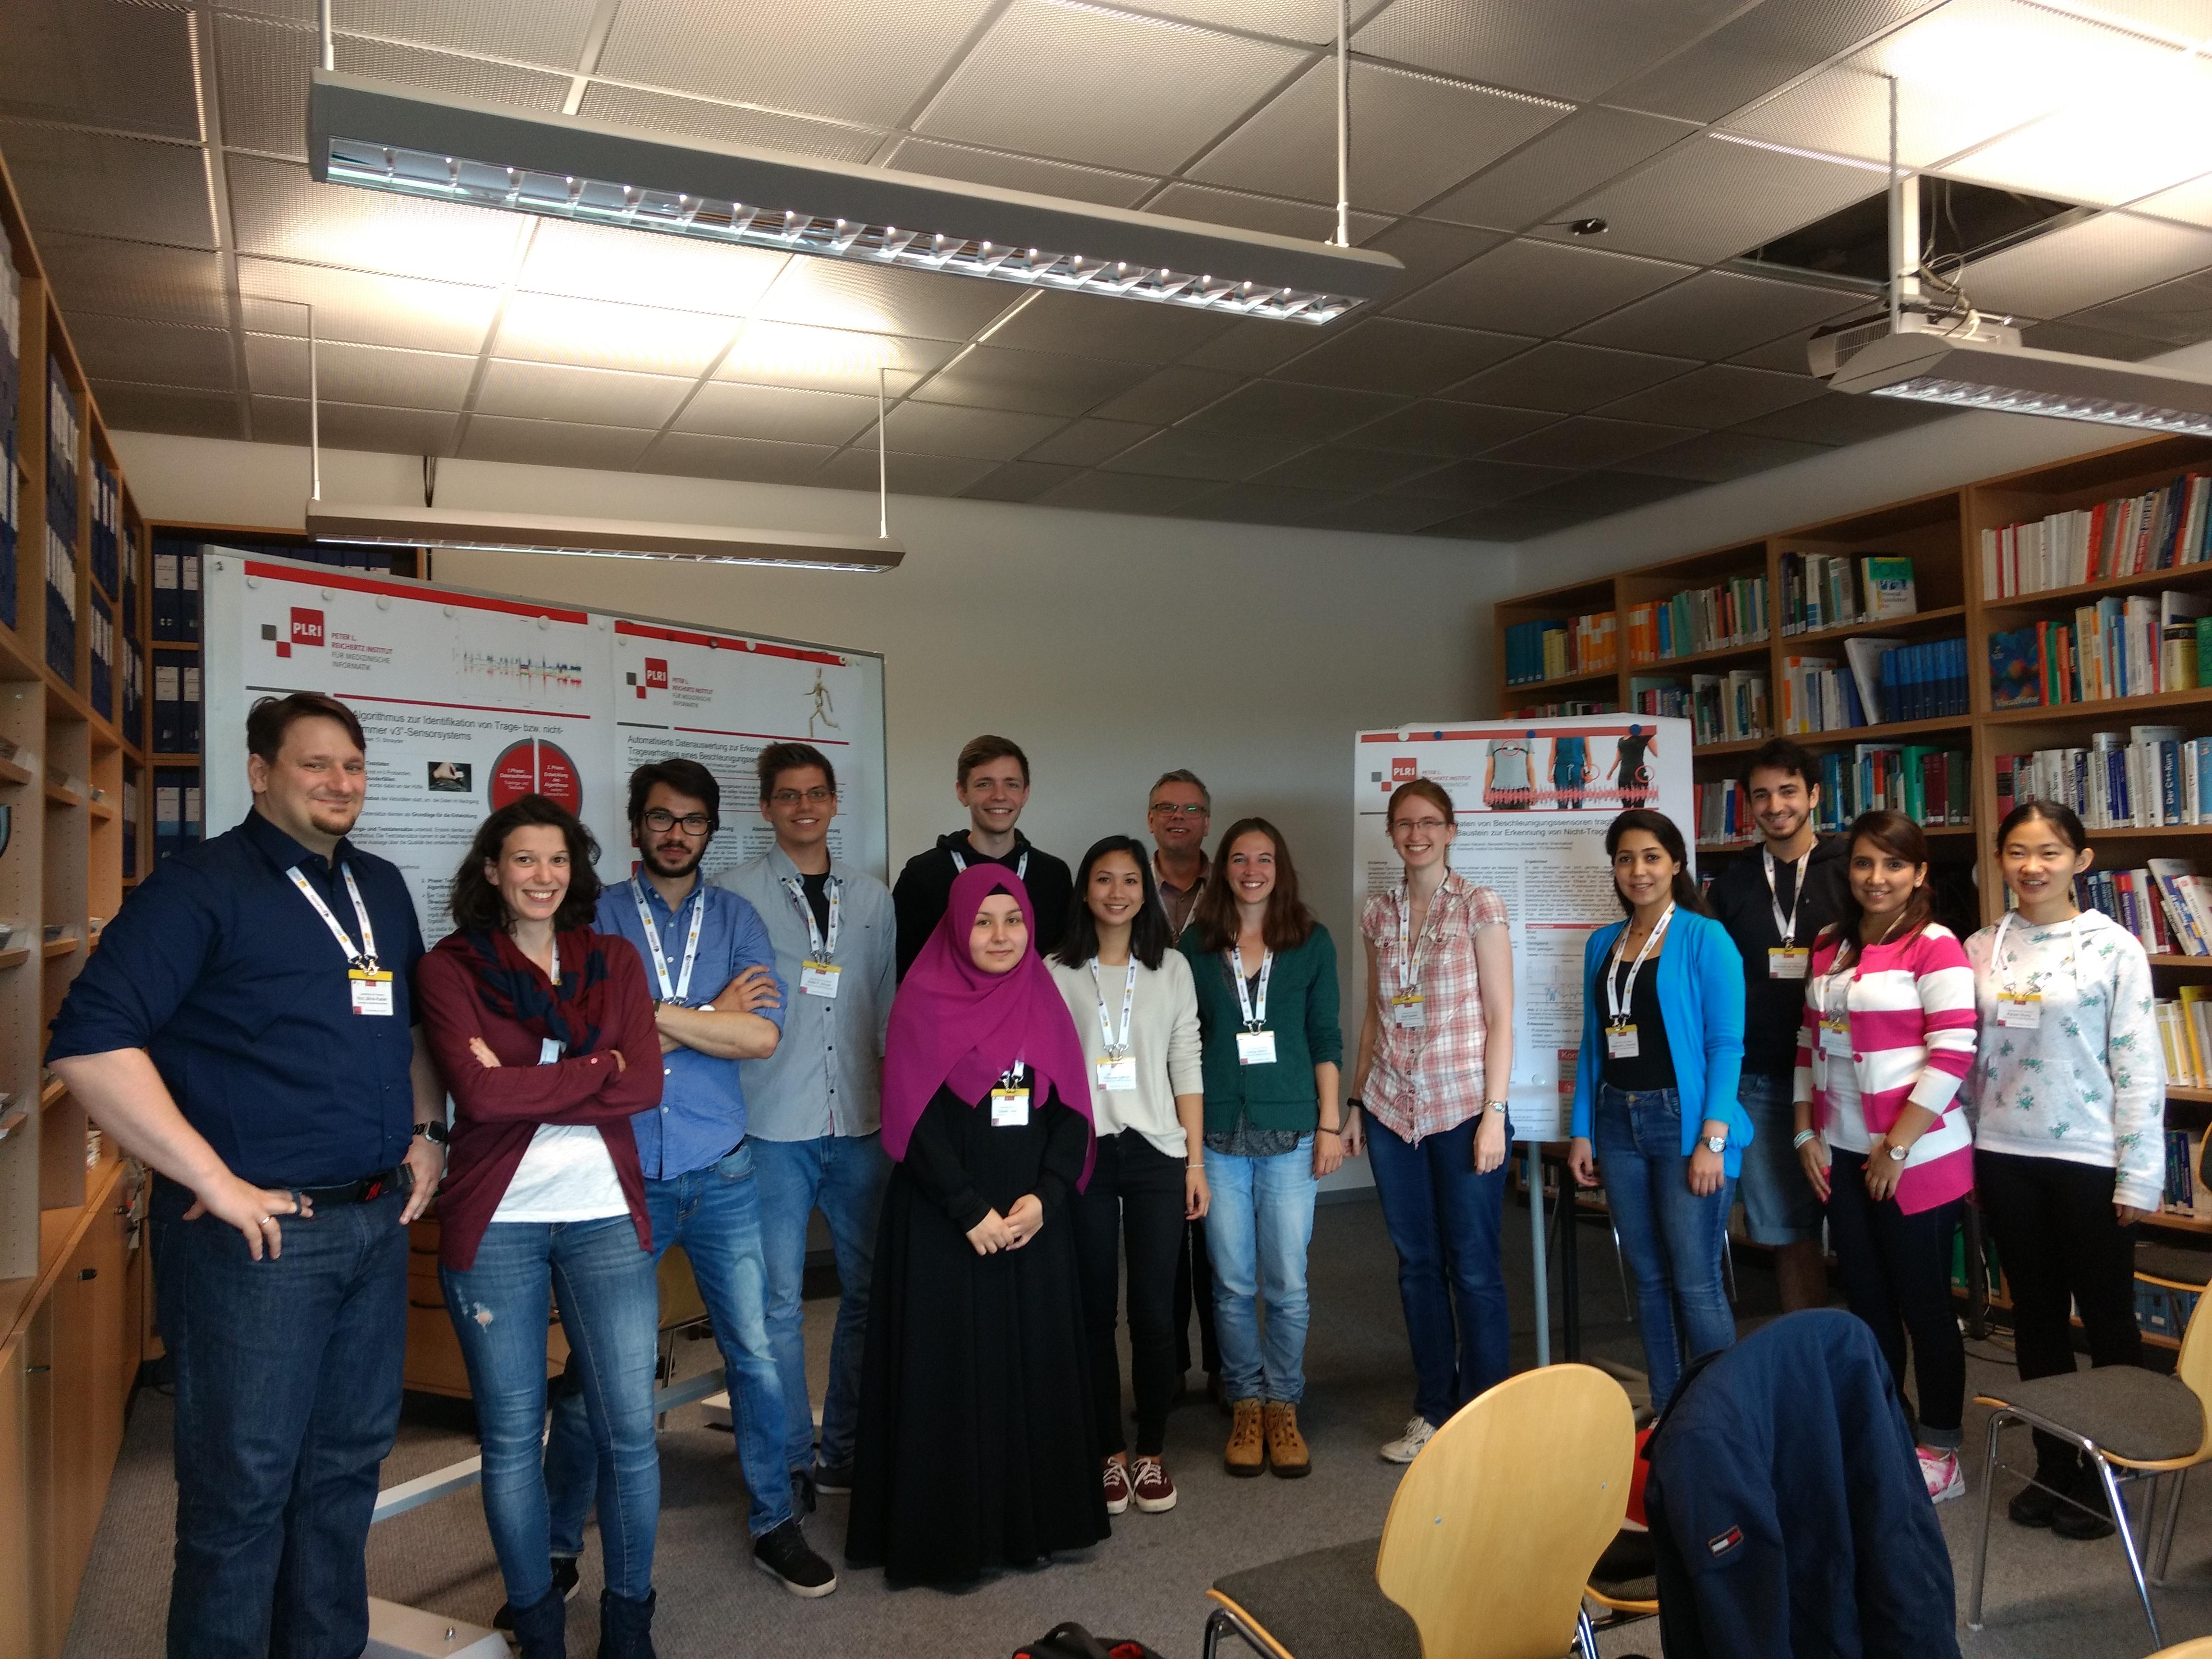 Studierendenkonferenz zum Thema Assistierende Gesundheitstechnologien